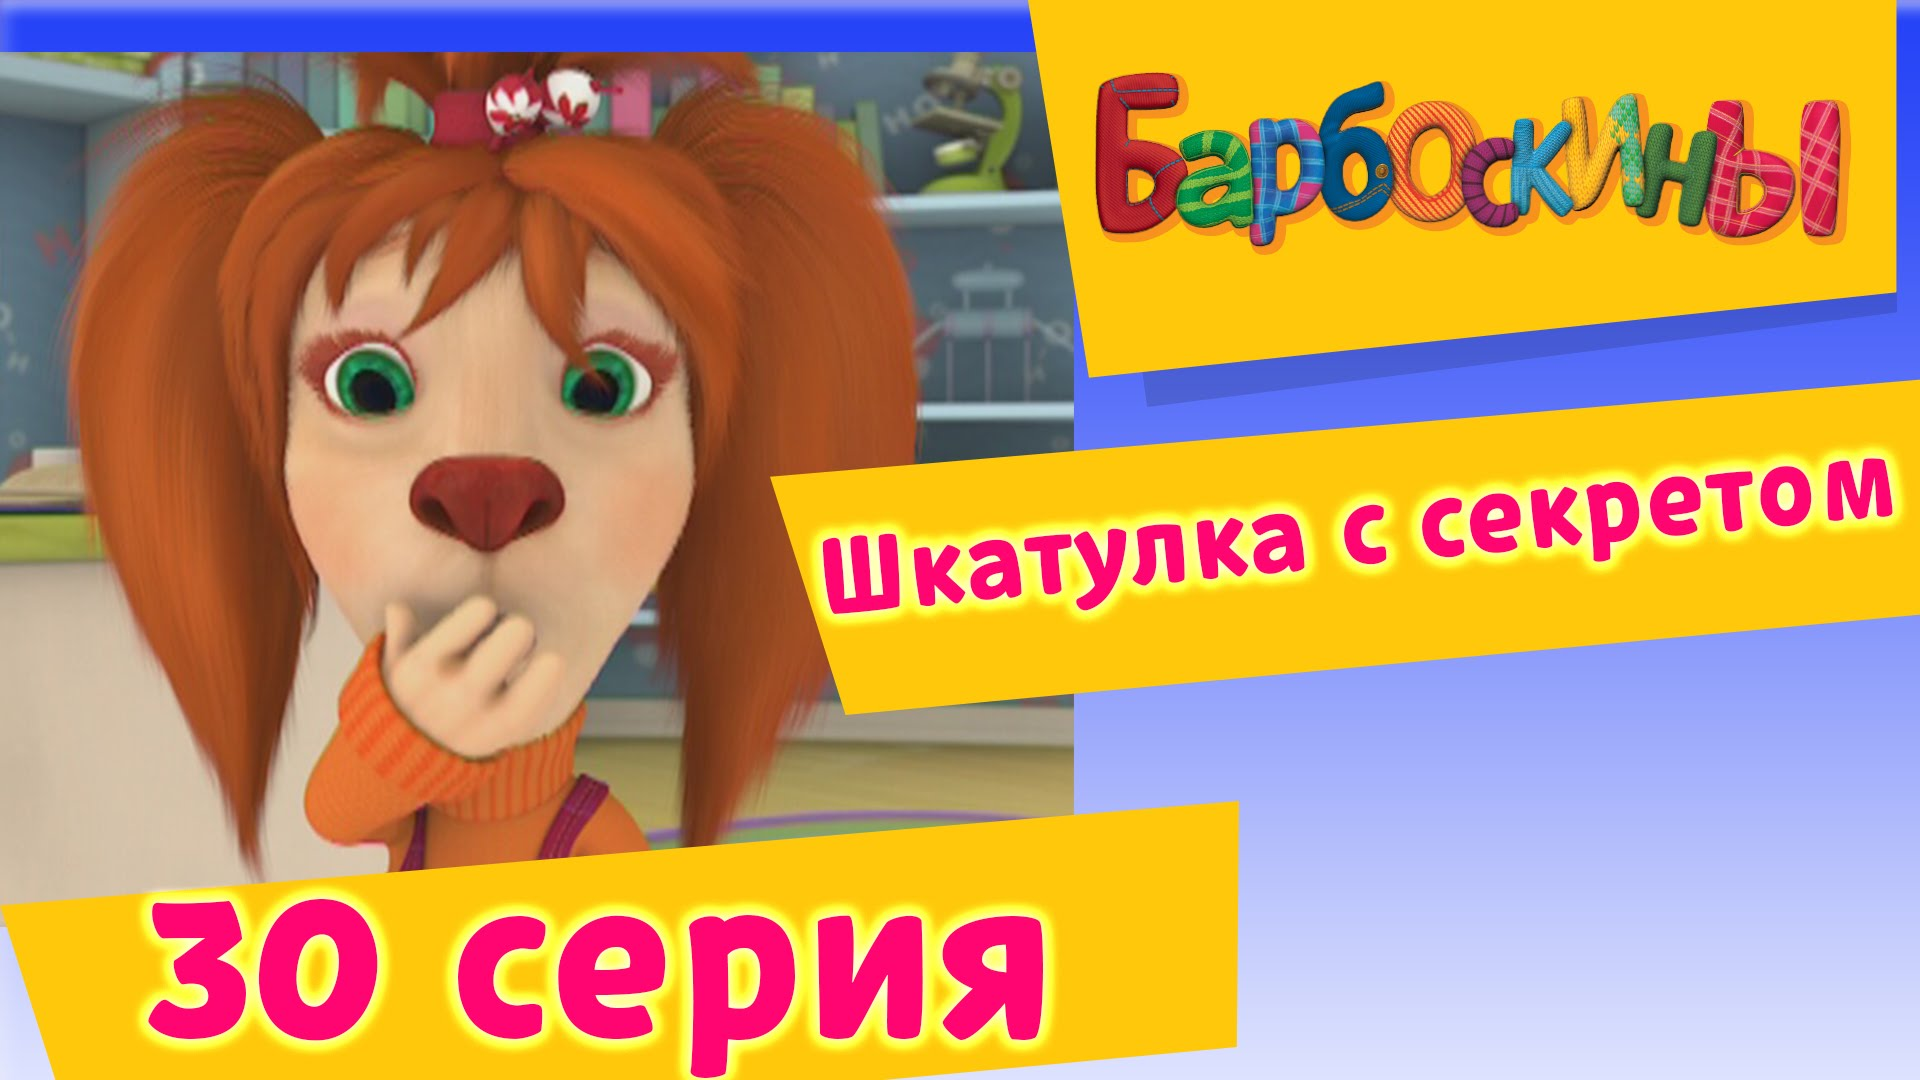 Барбоскины — 30 Серия. Шкатулка с секретом